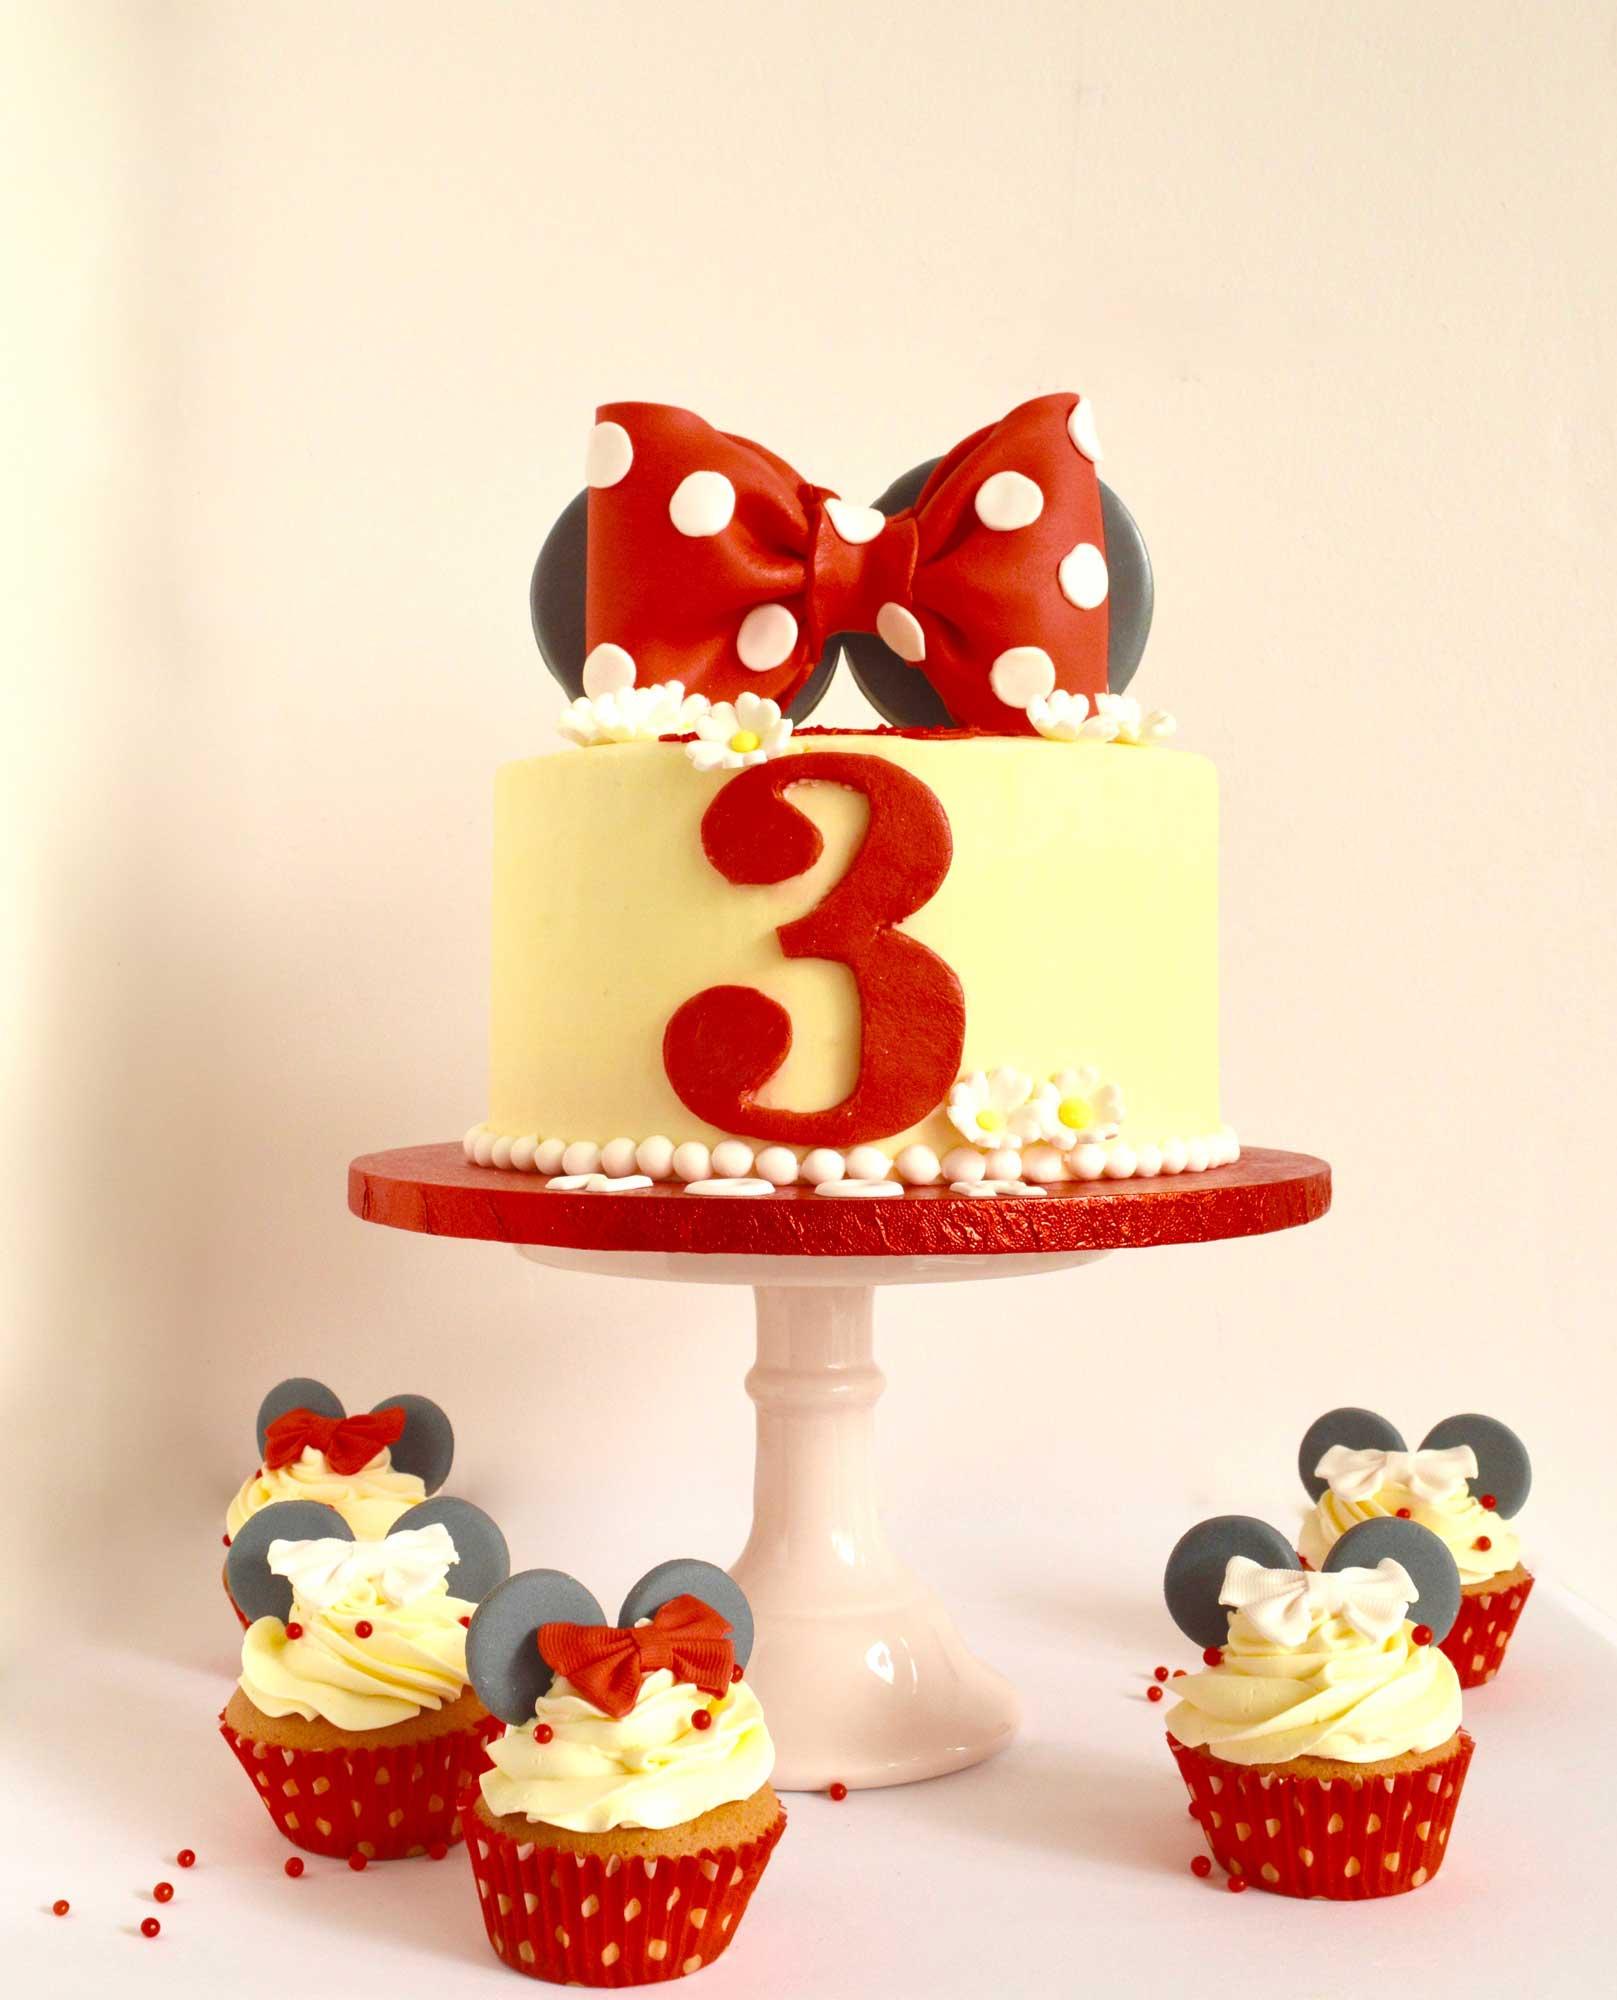 minnie-mousse-meisjes-taart-rood-zwart-wit, minnie-mousse-cake-wassenaar